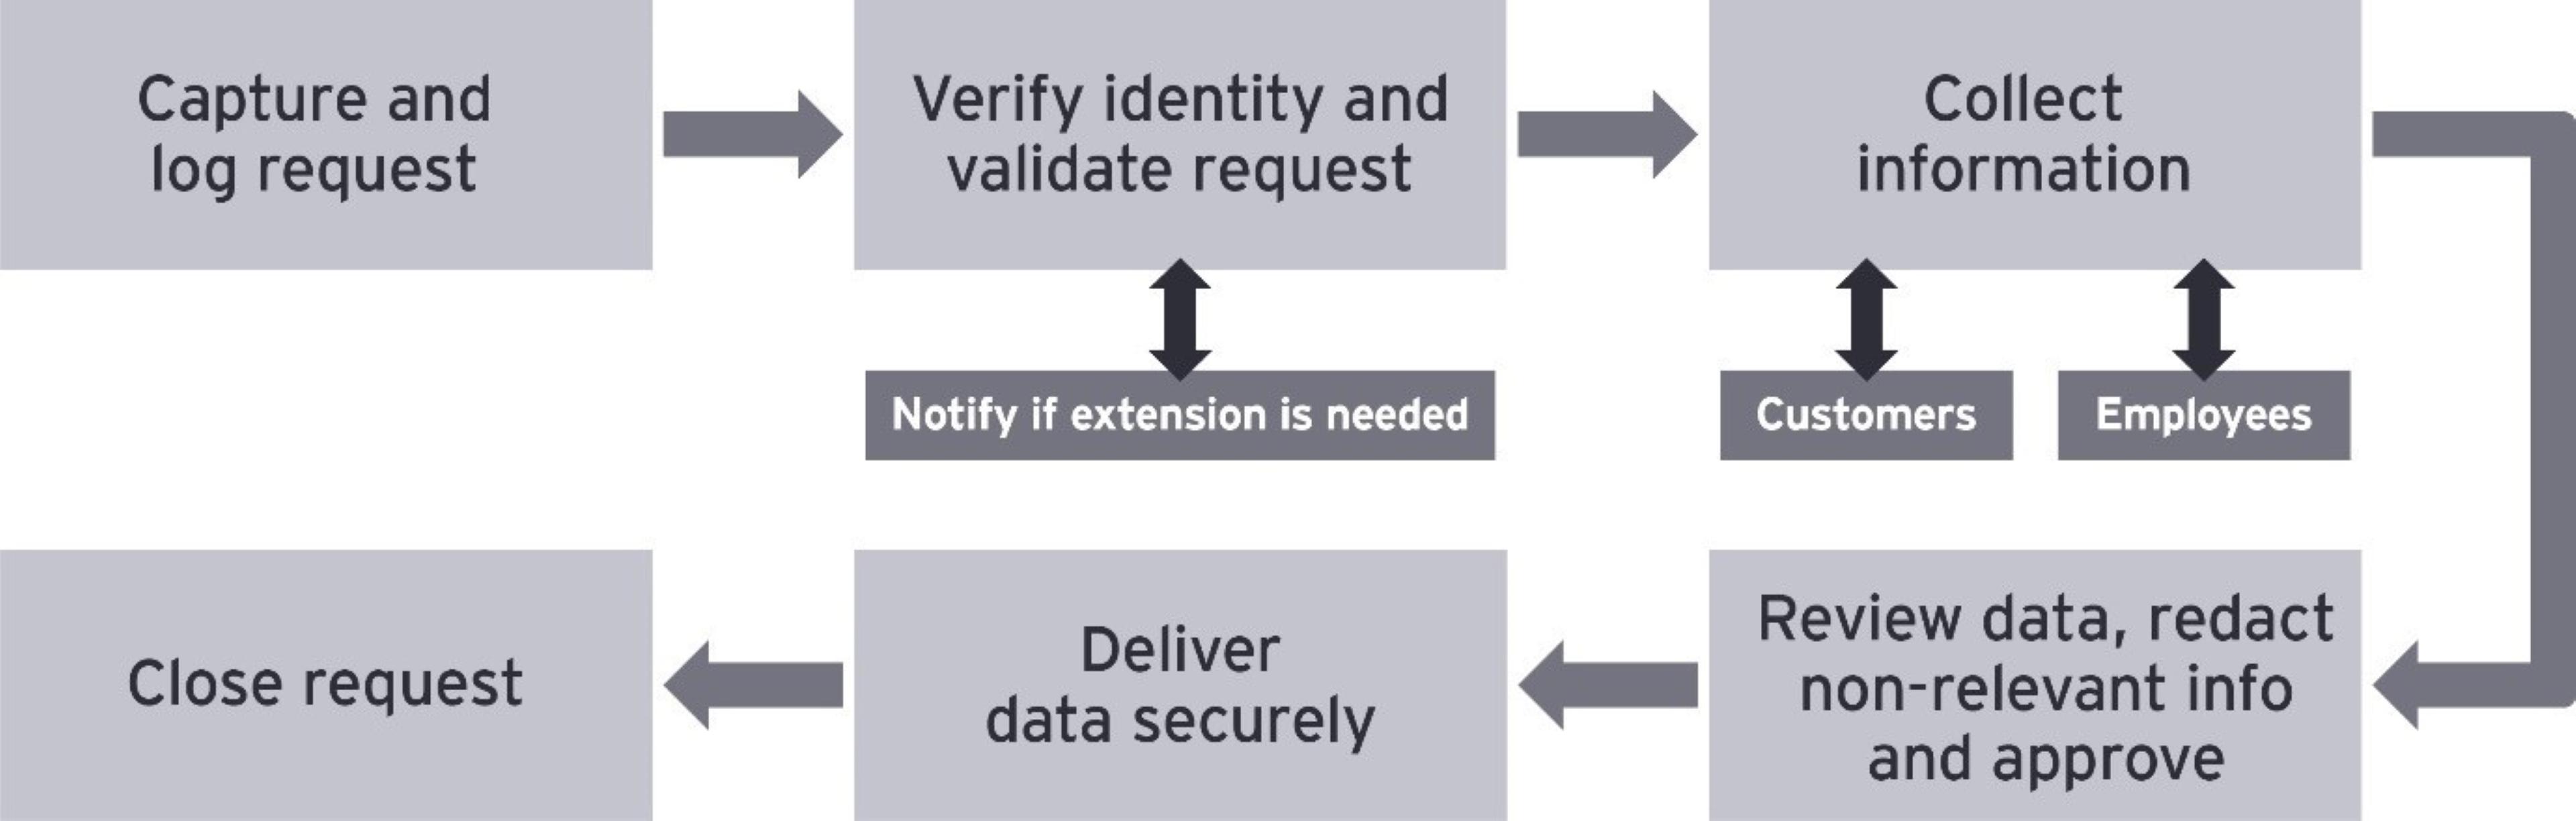 DSAR workflow diagram